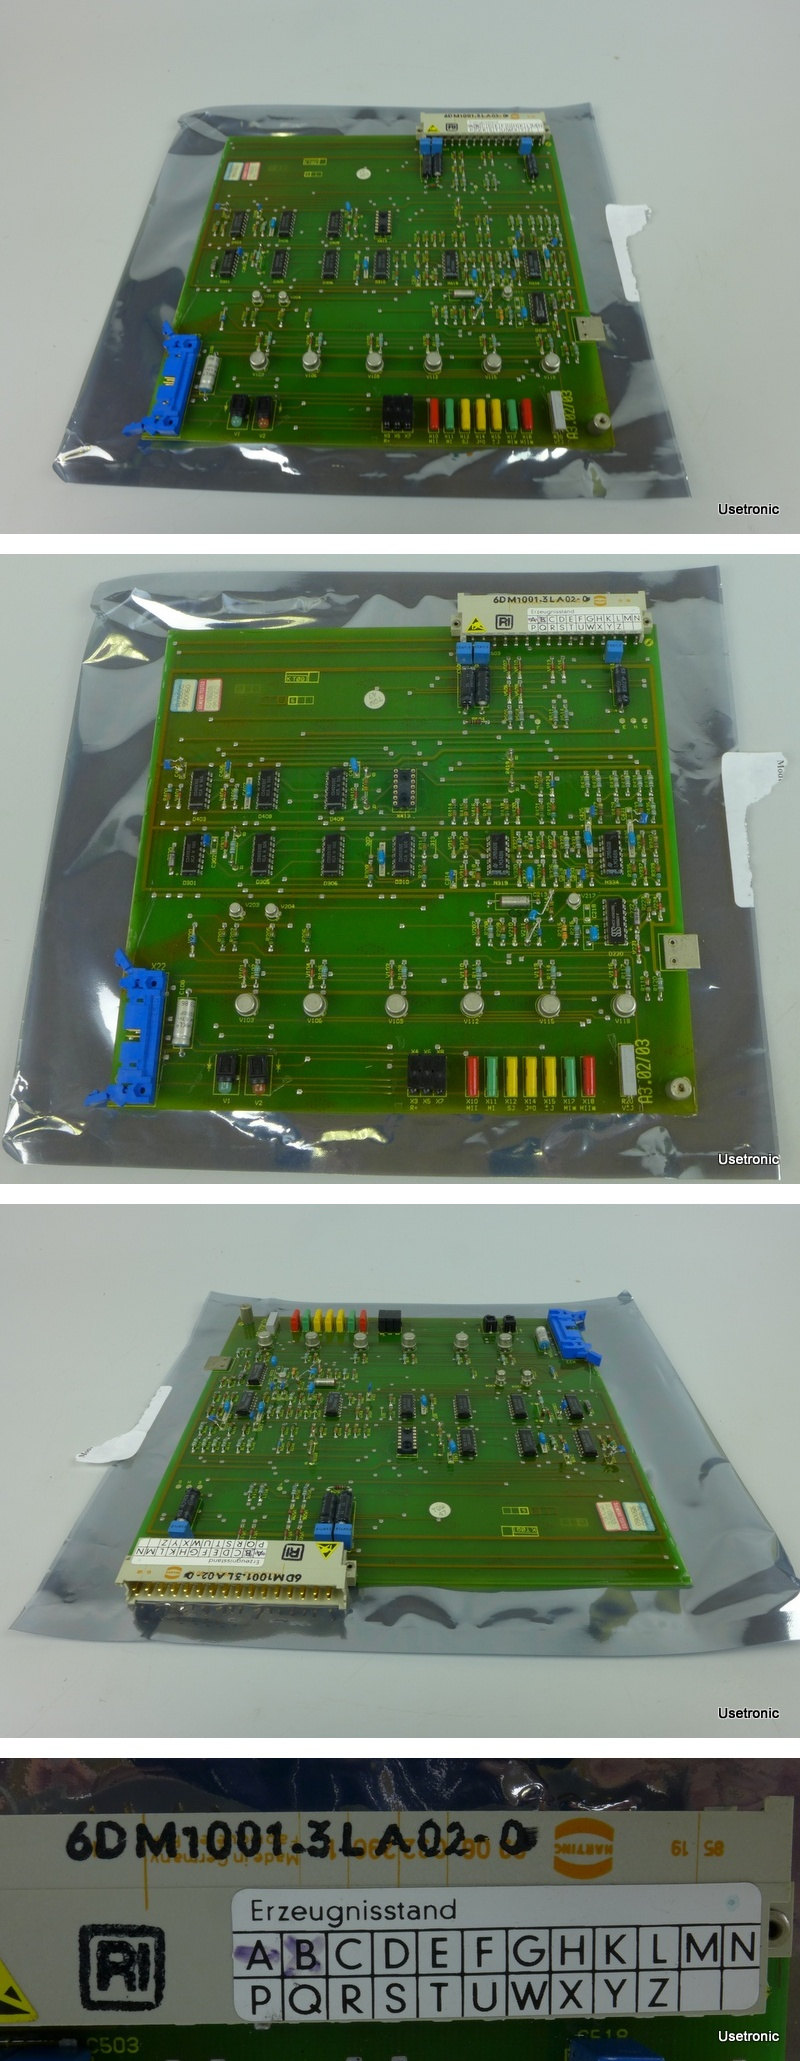 Siemens 6DM1001-3LA02-0